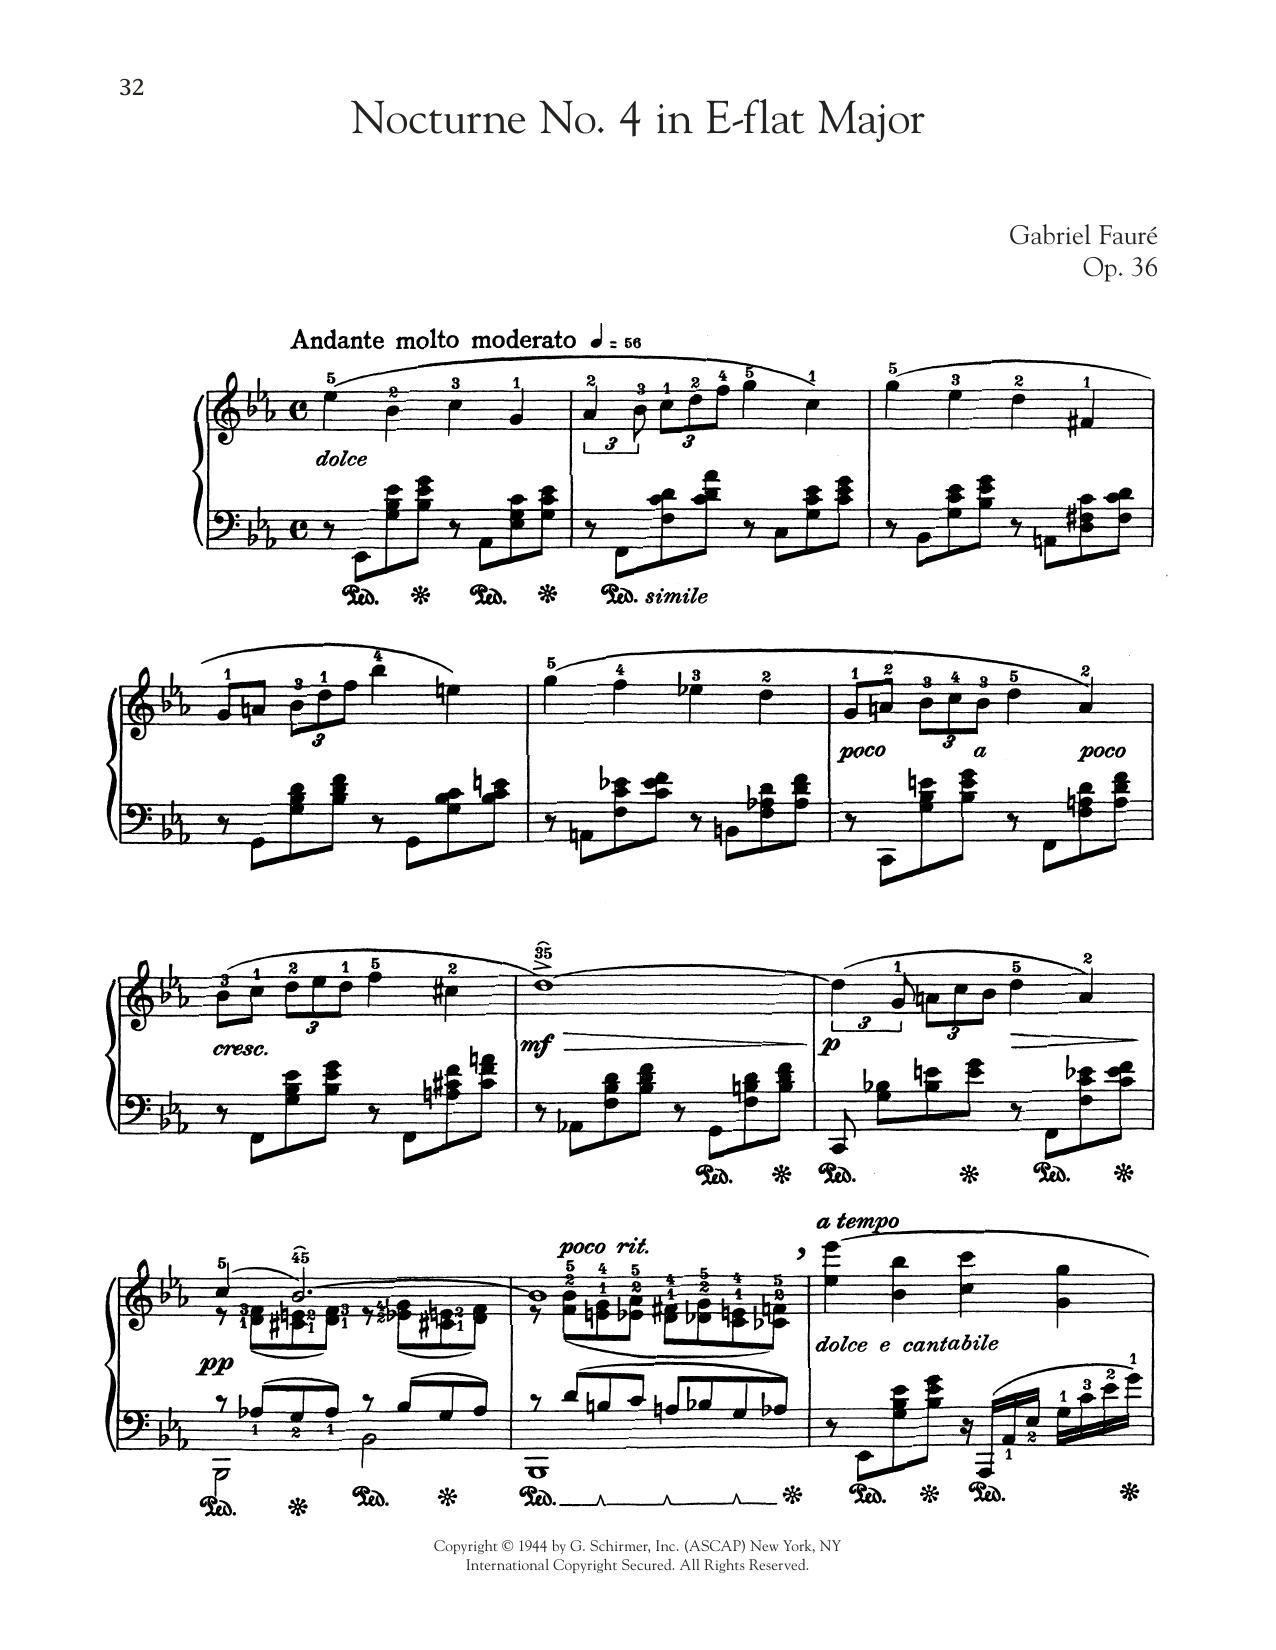 Nocturne In E-Flat Major, Op. 36, No. 4 (Piano Solo)